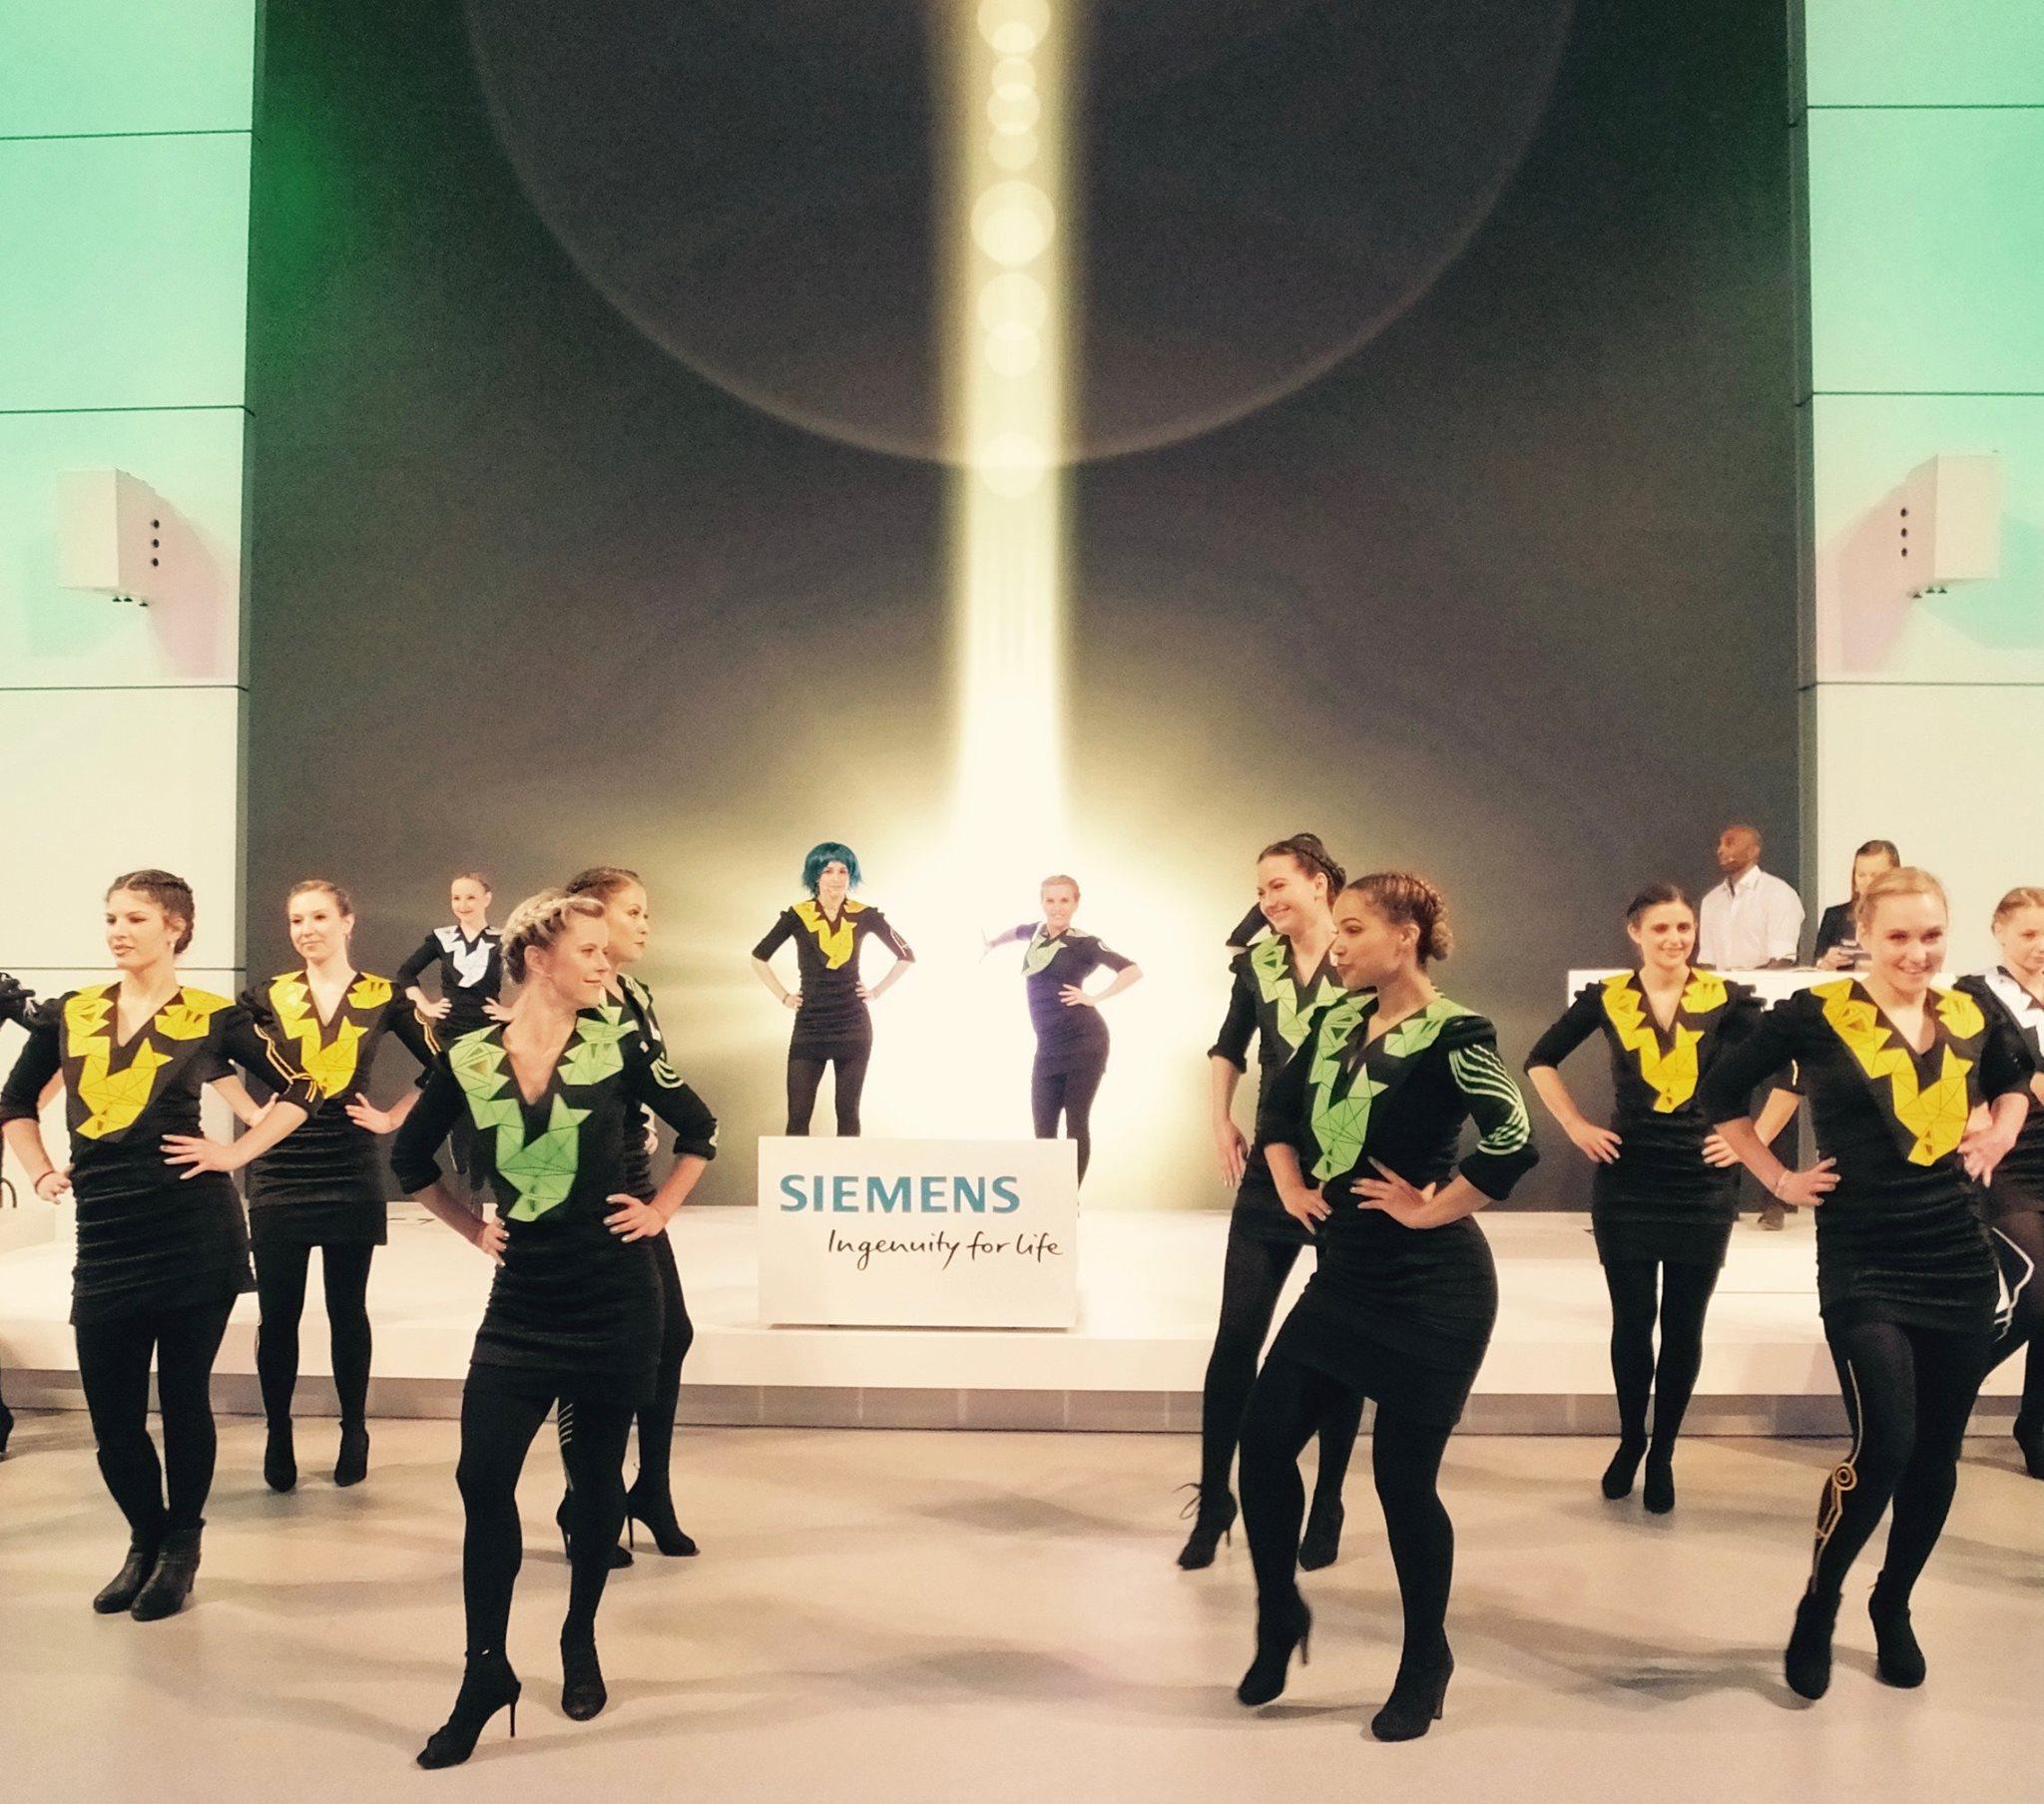 Show für Siemens auf der Hannover Messe 2016